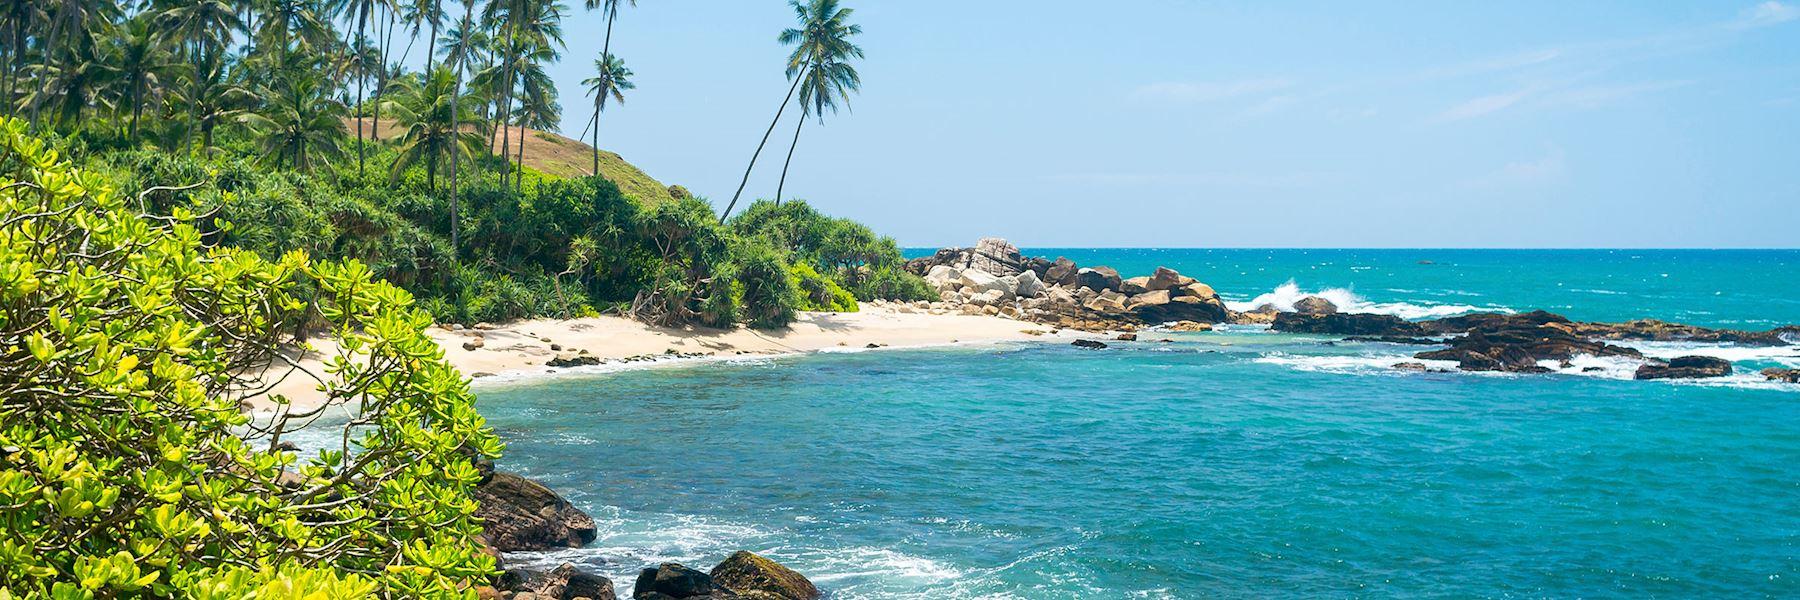 Sri Lanka travel guides